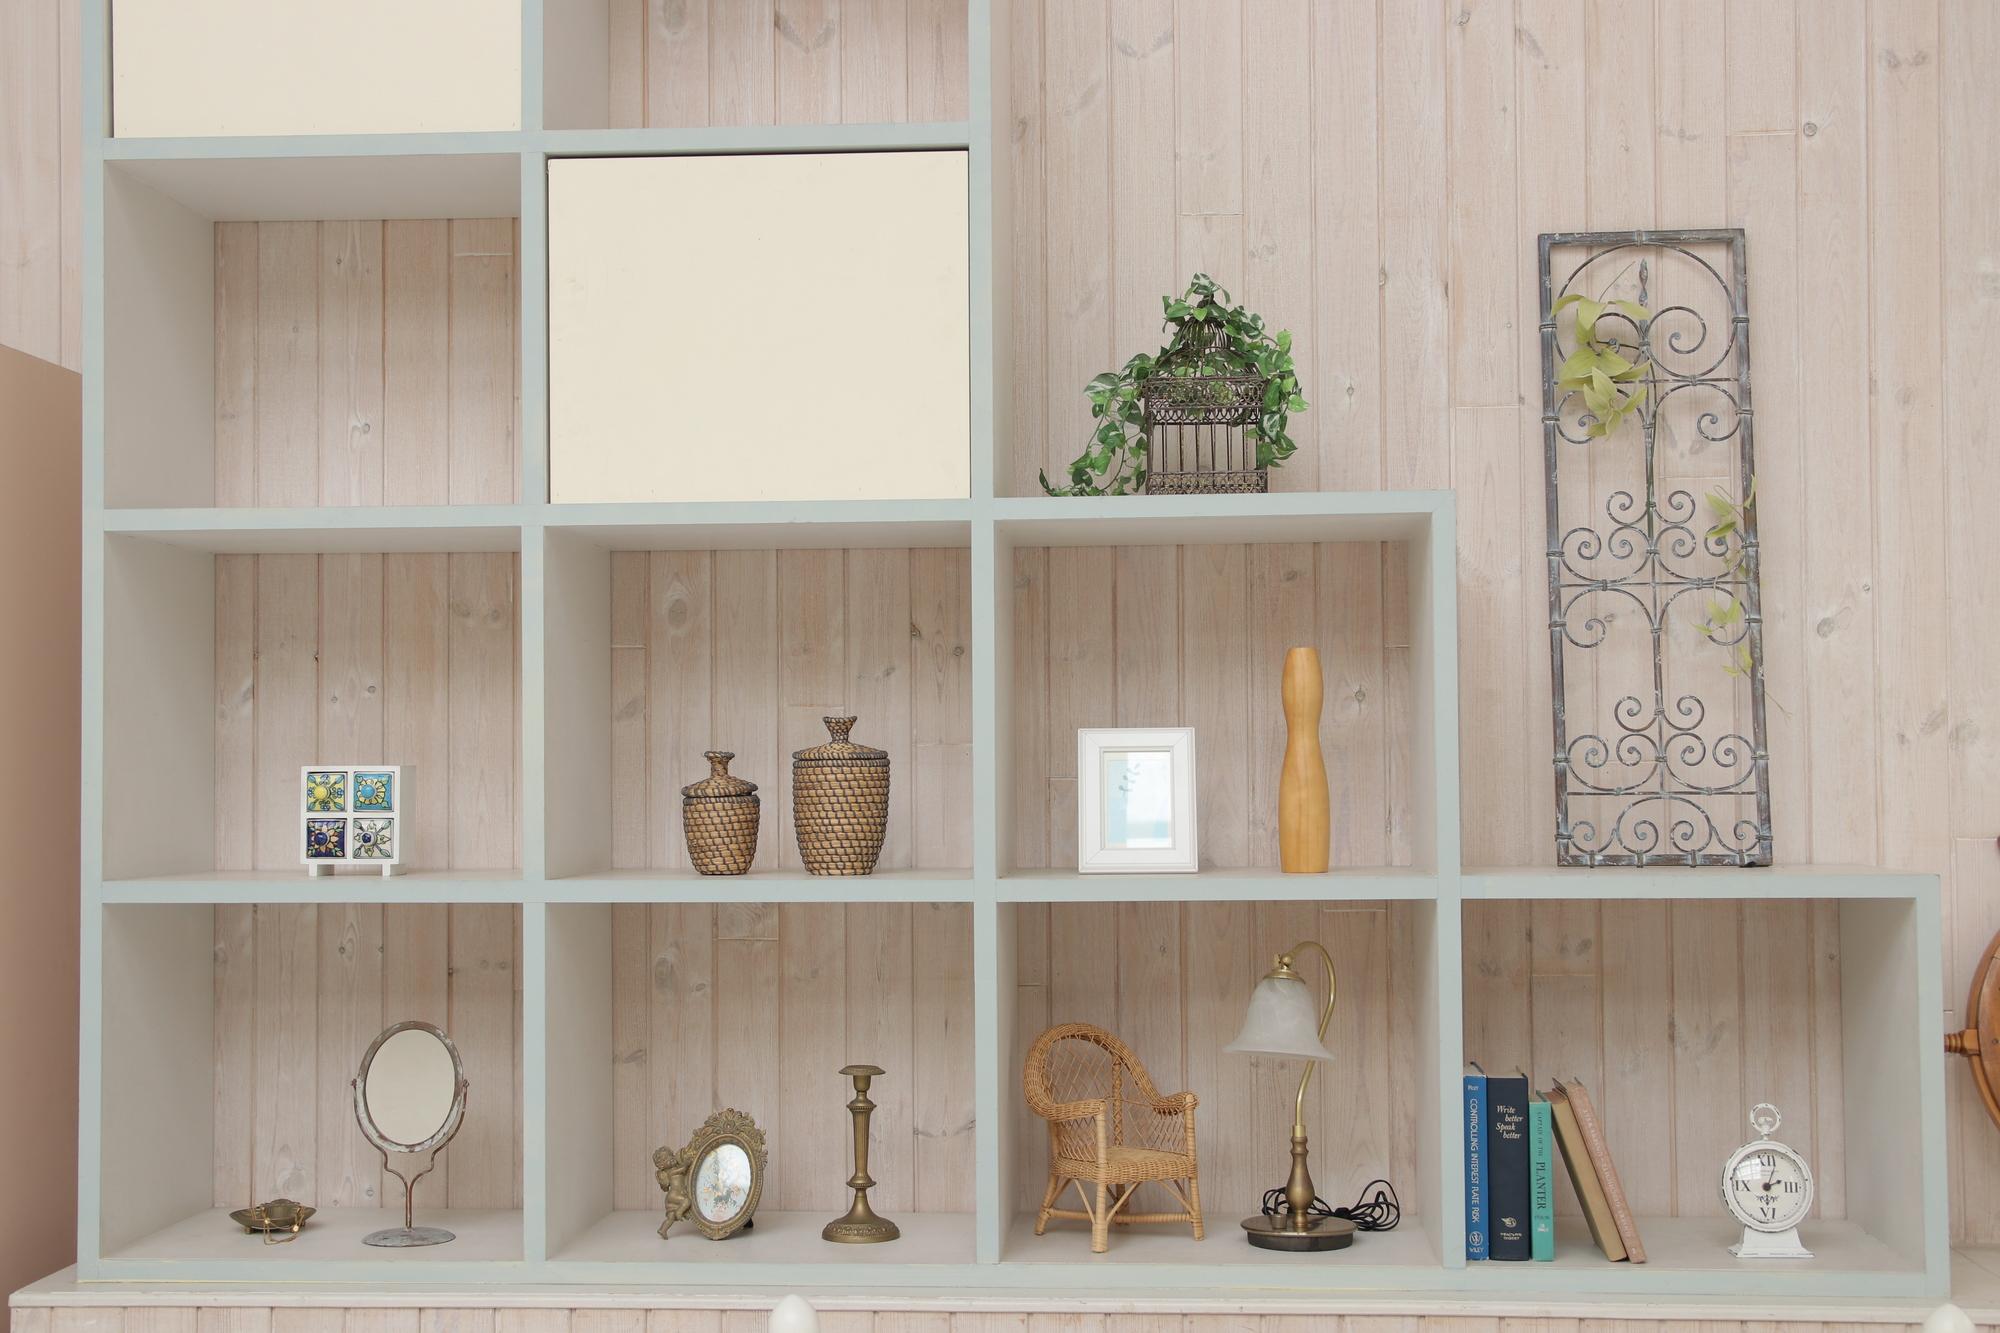 壁面収納でリビングを食器や観葉植物でおしゃれに彩る